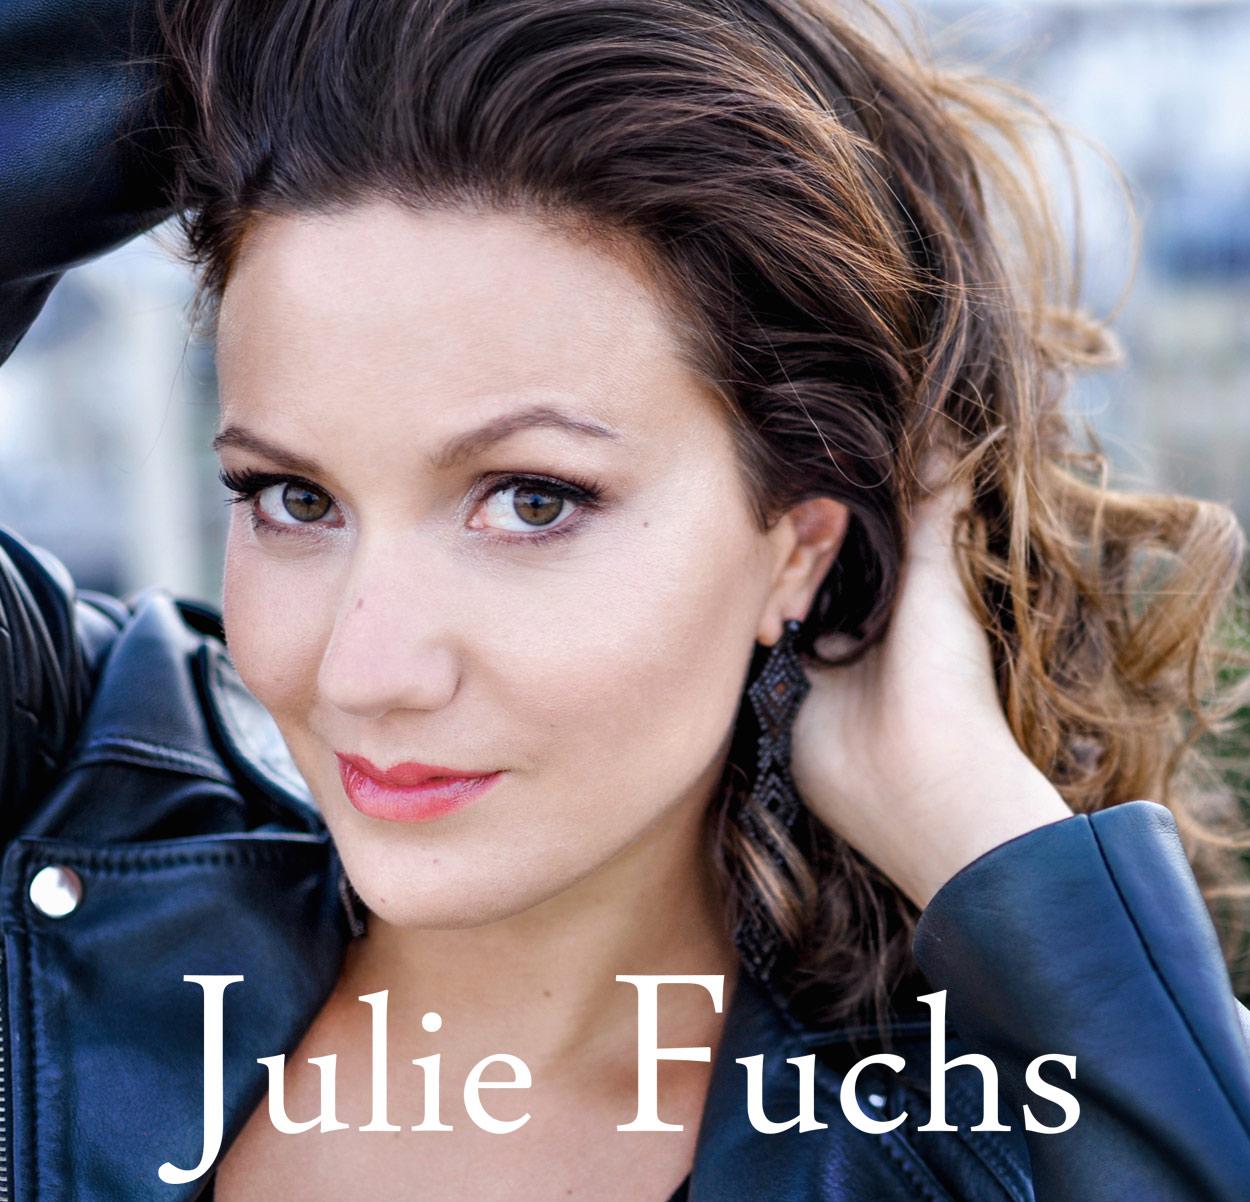 Julies-fuchs